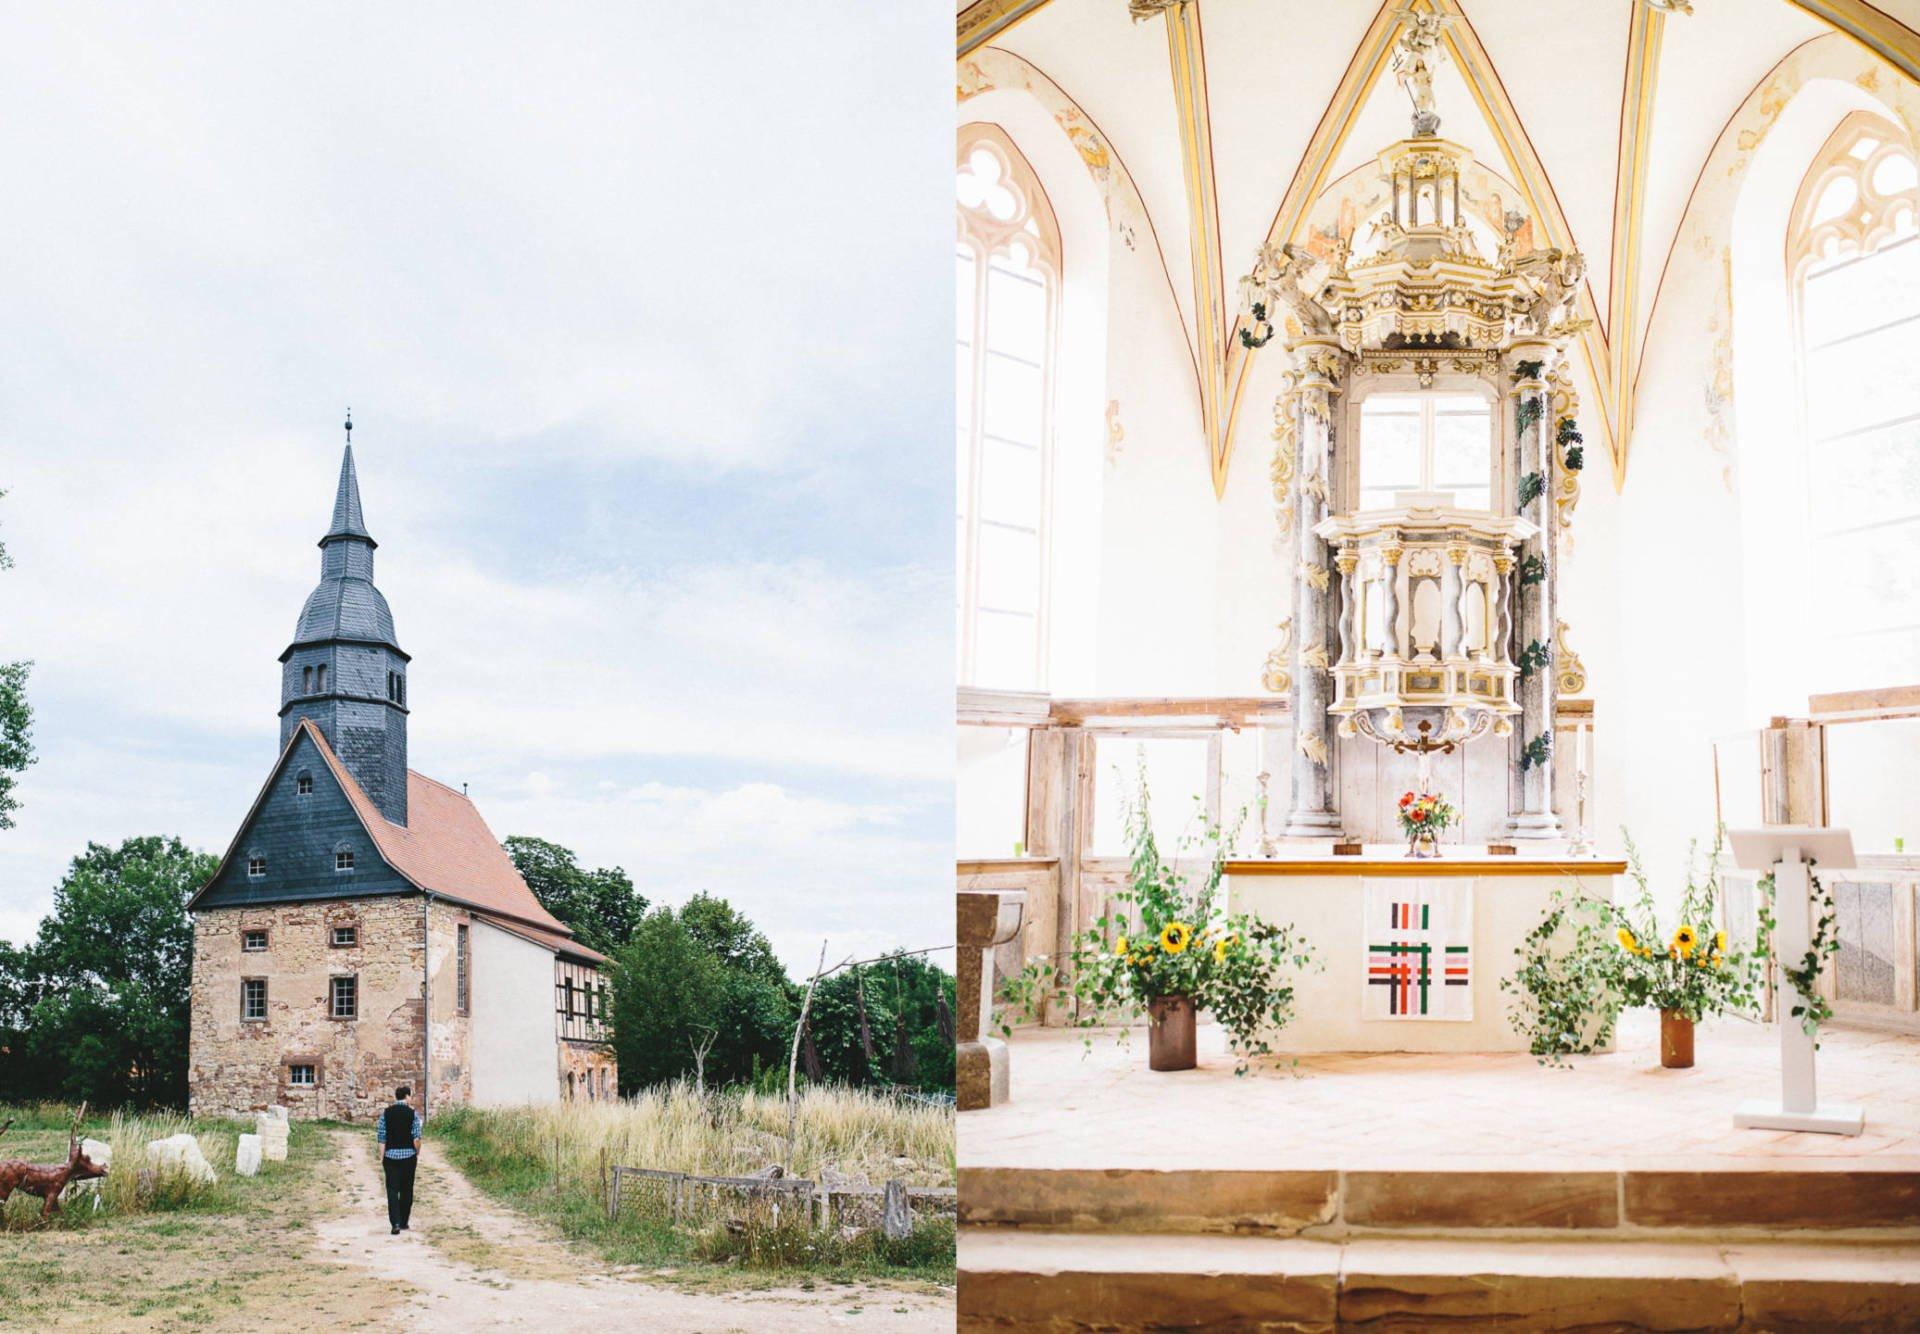 Schöngleina Collage 1 - Hochzeit in Kreuzgewölbe Schöngleina